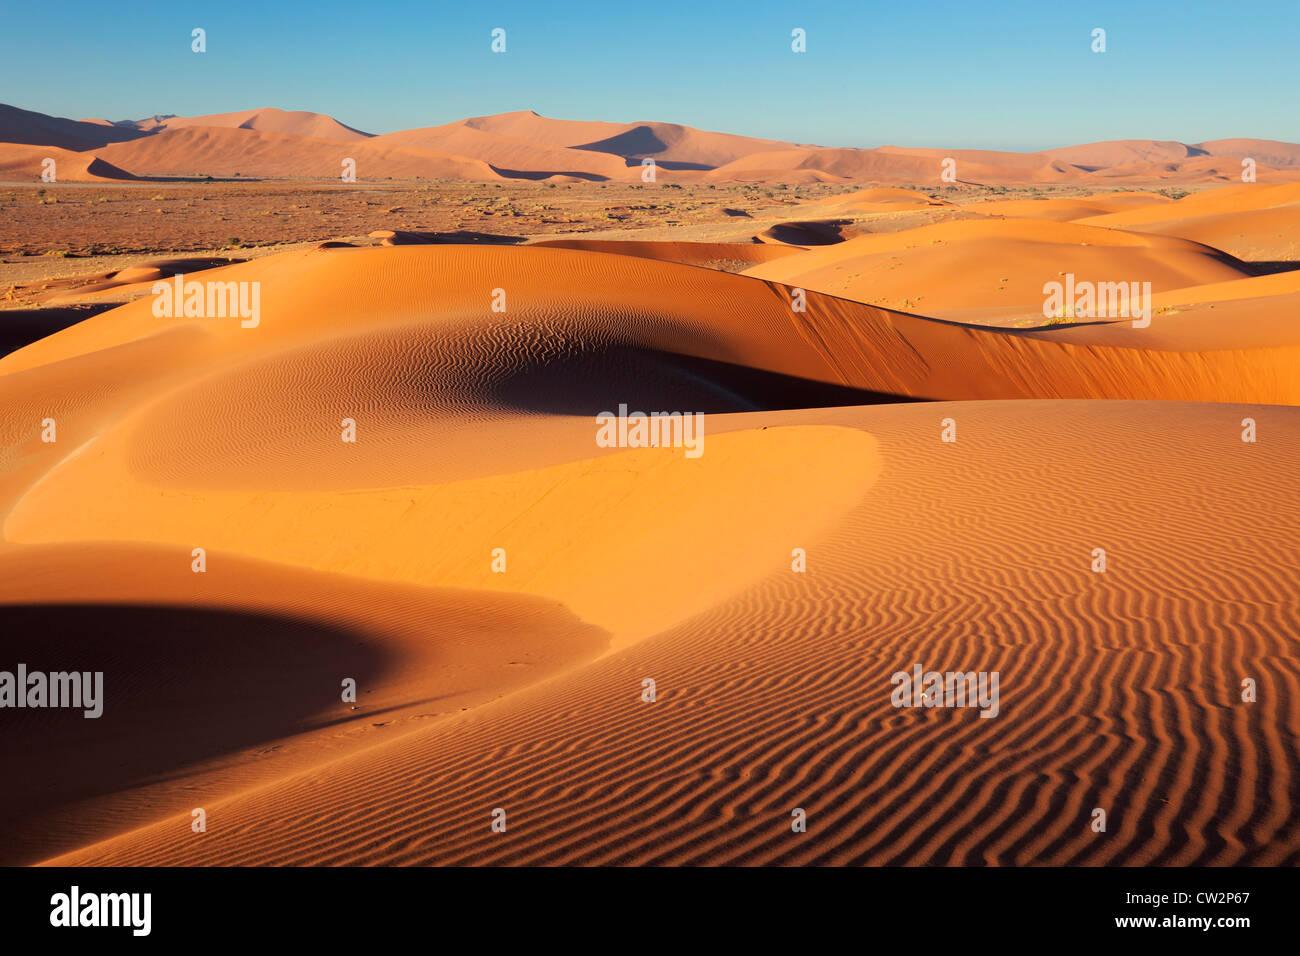 Modèle dune complexes éclairés par le soleil du matin. Sossusvlei dans le désert du Namib. Namib-Naukluft N.P, Namibie Banque D'Images